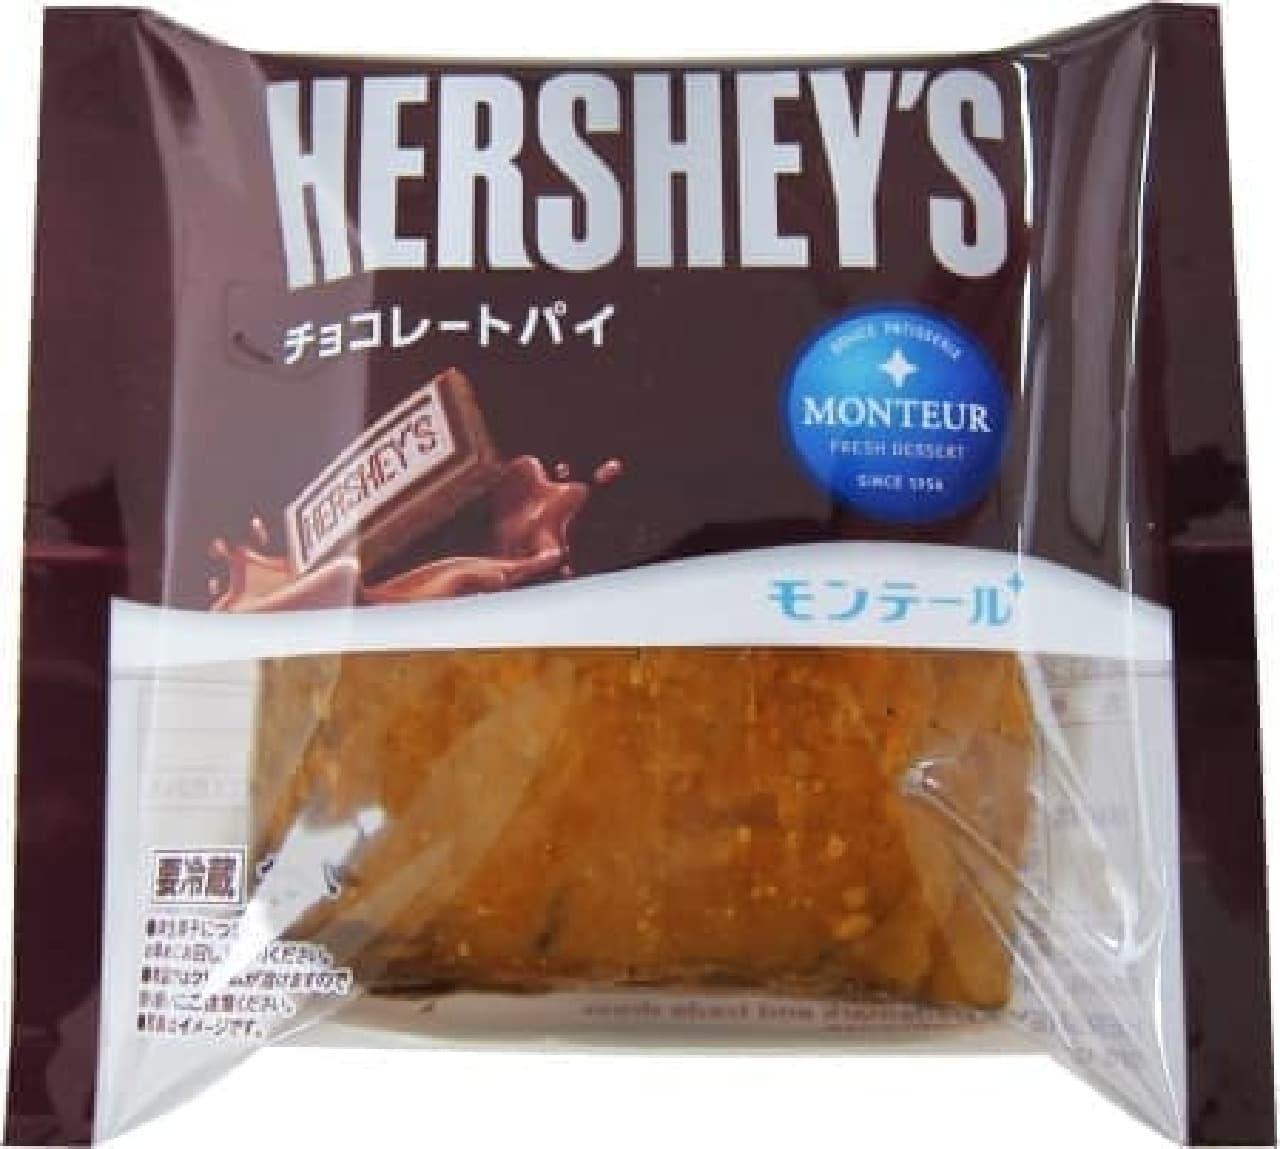 モンテール「HERSHEY'S チョコレートパイ」